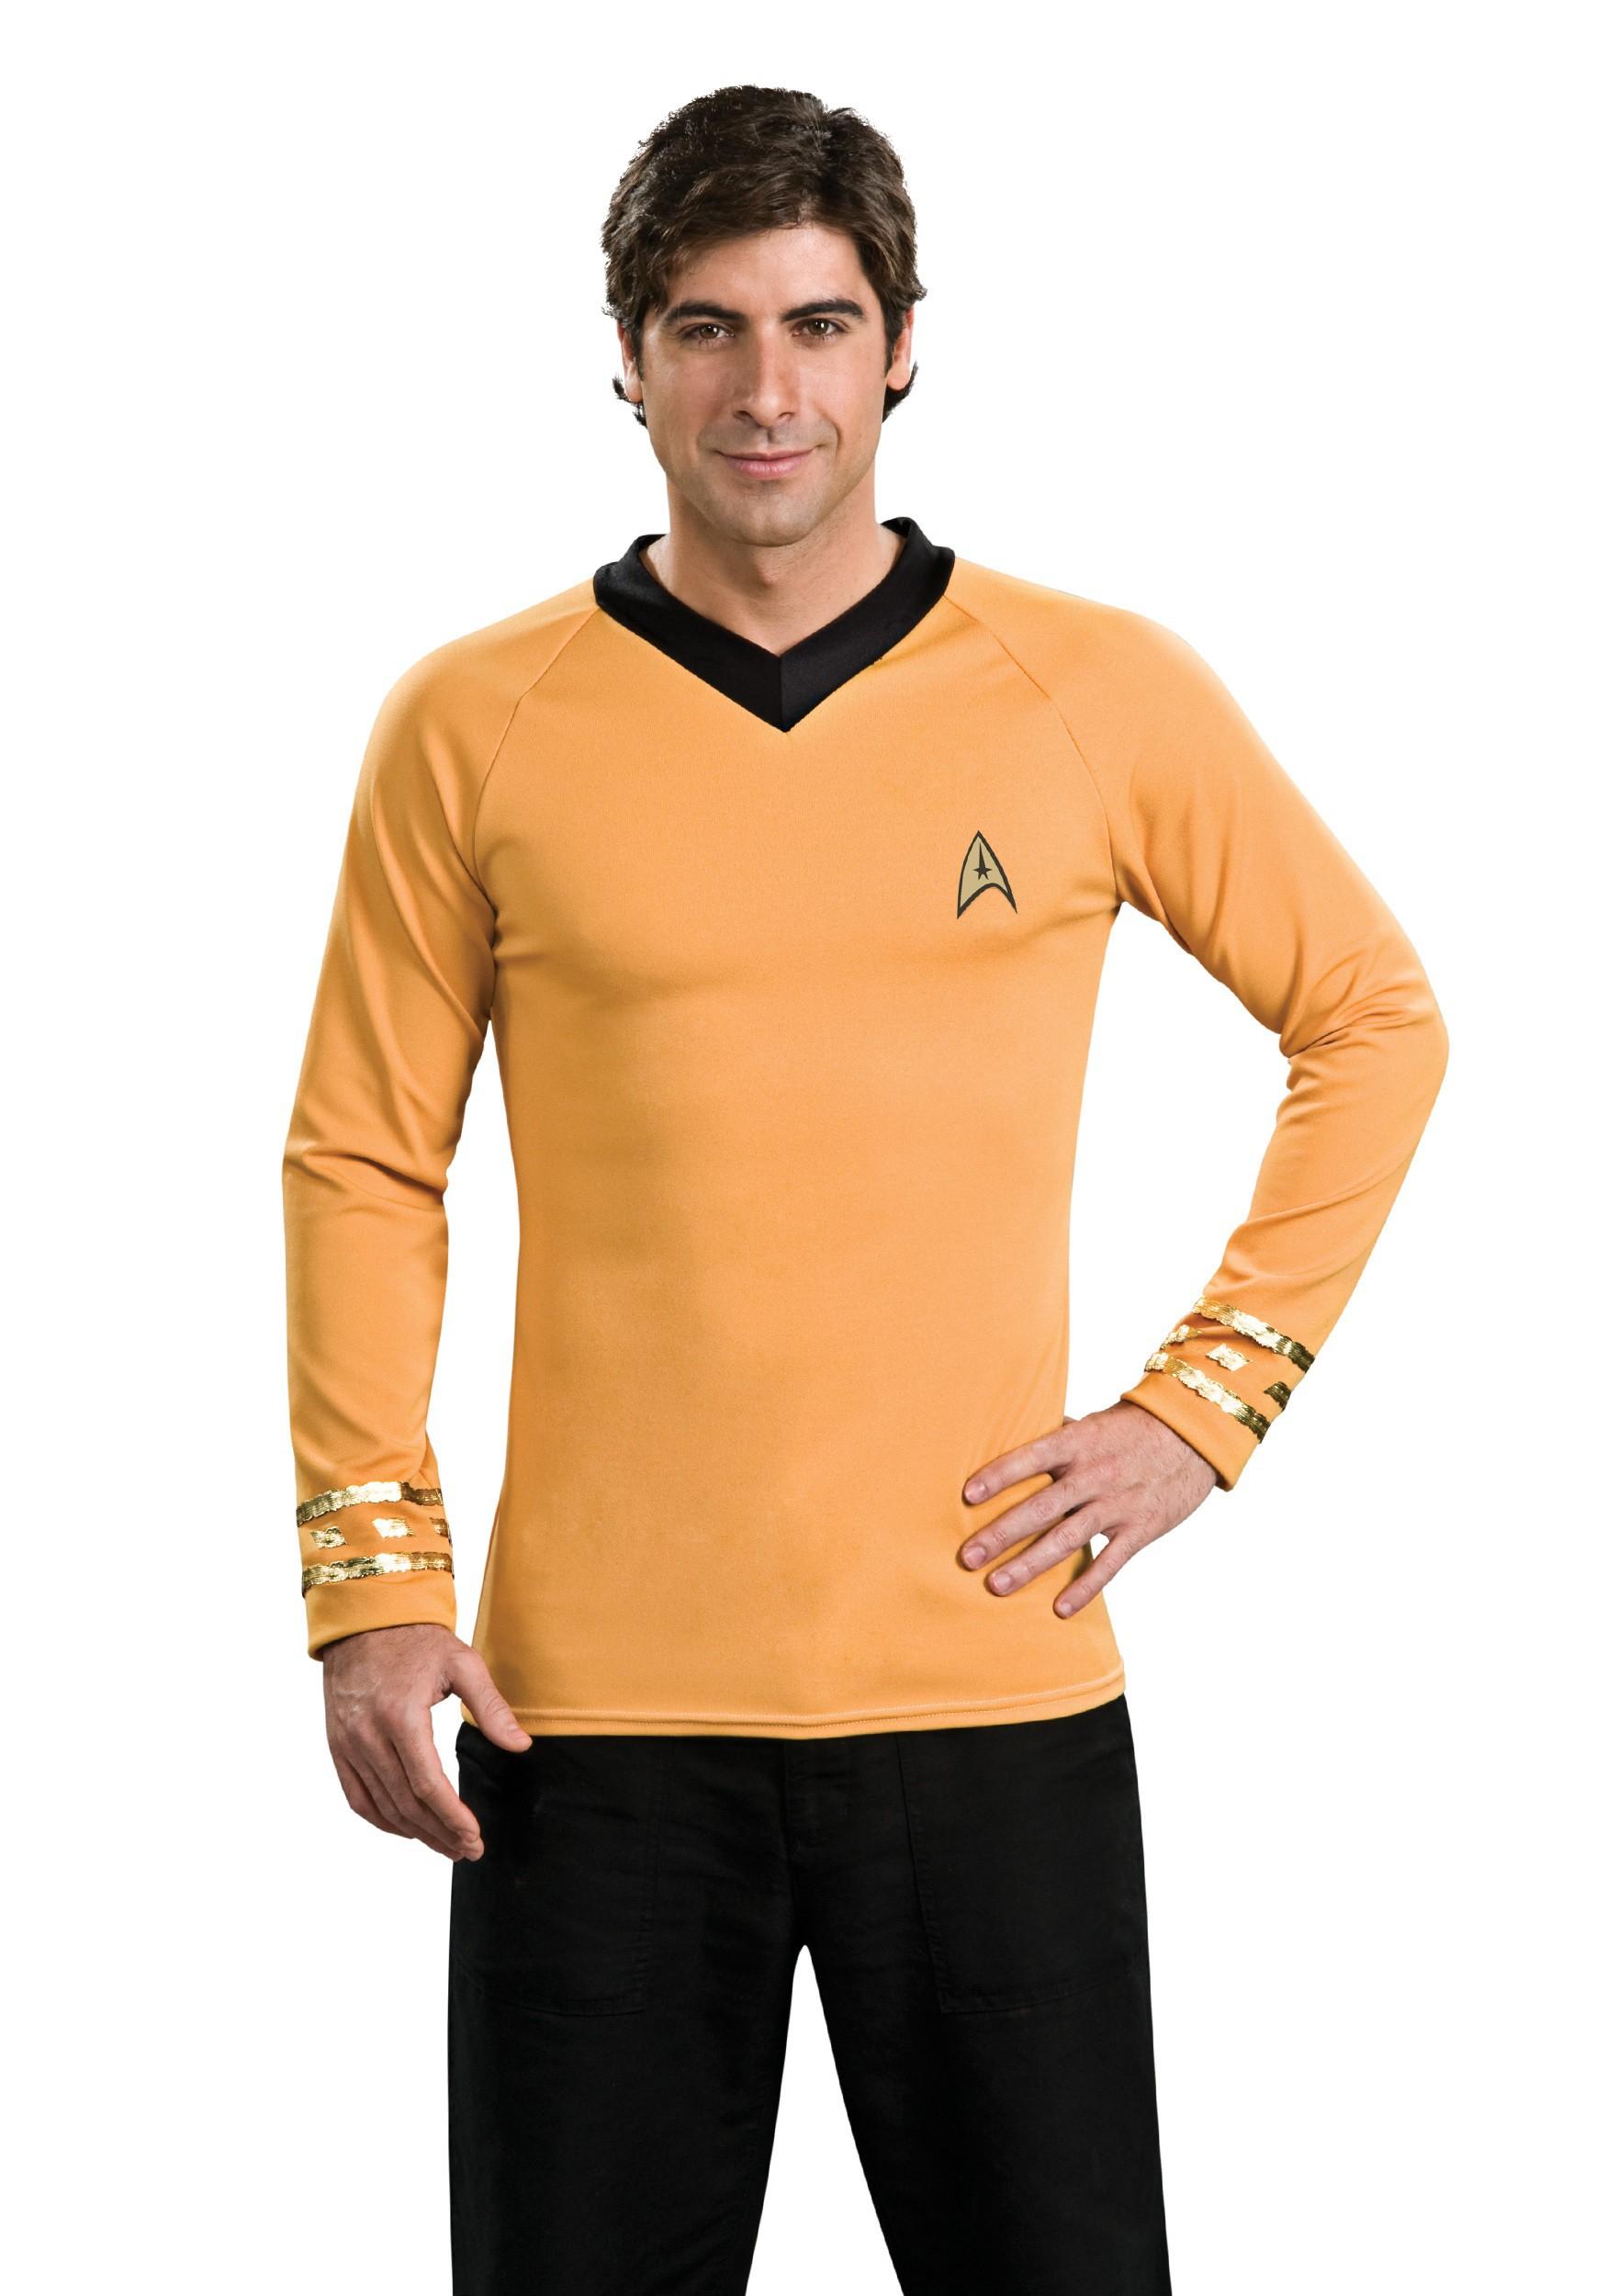 Star Trek Classic Deluxe Captain Kirk Shirt